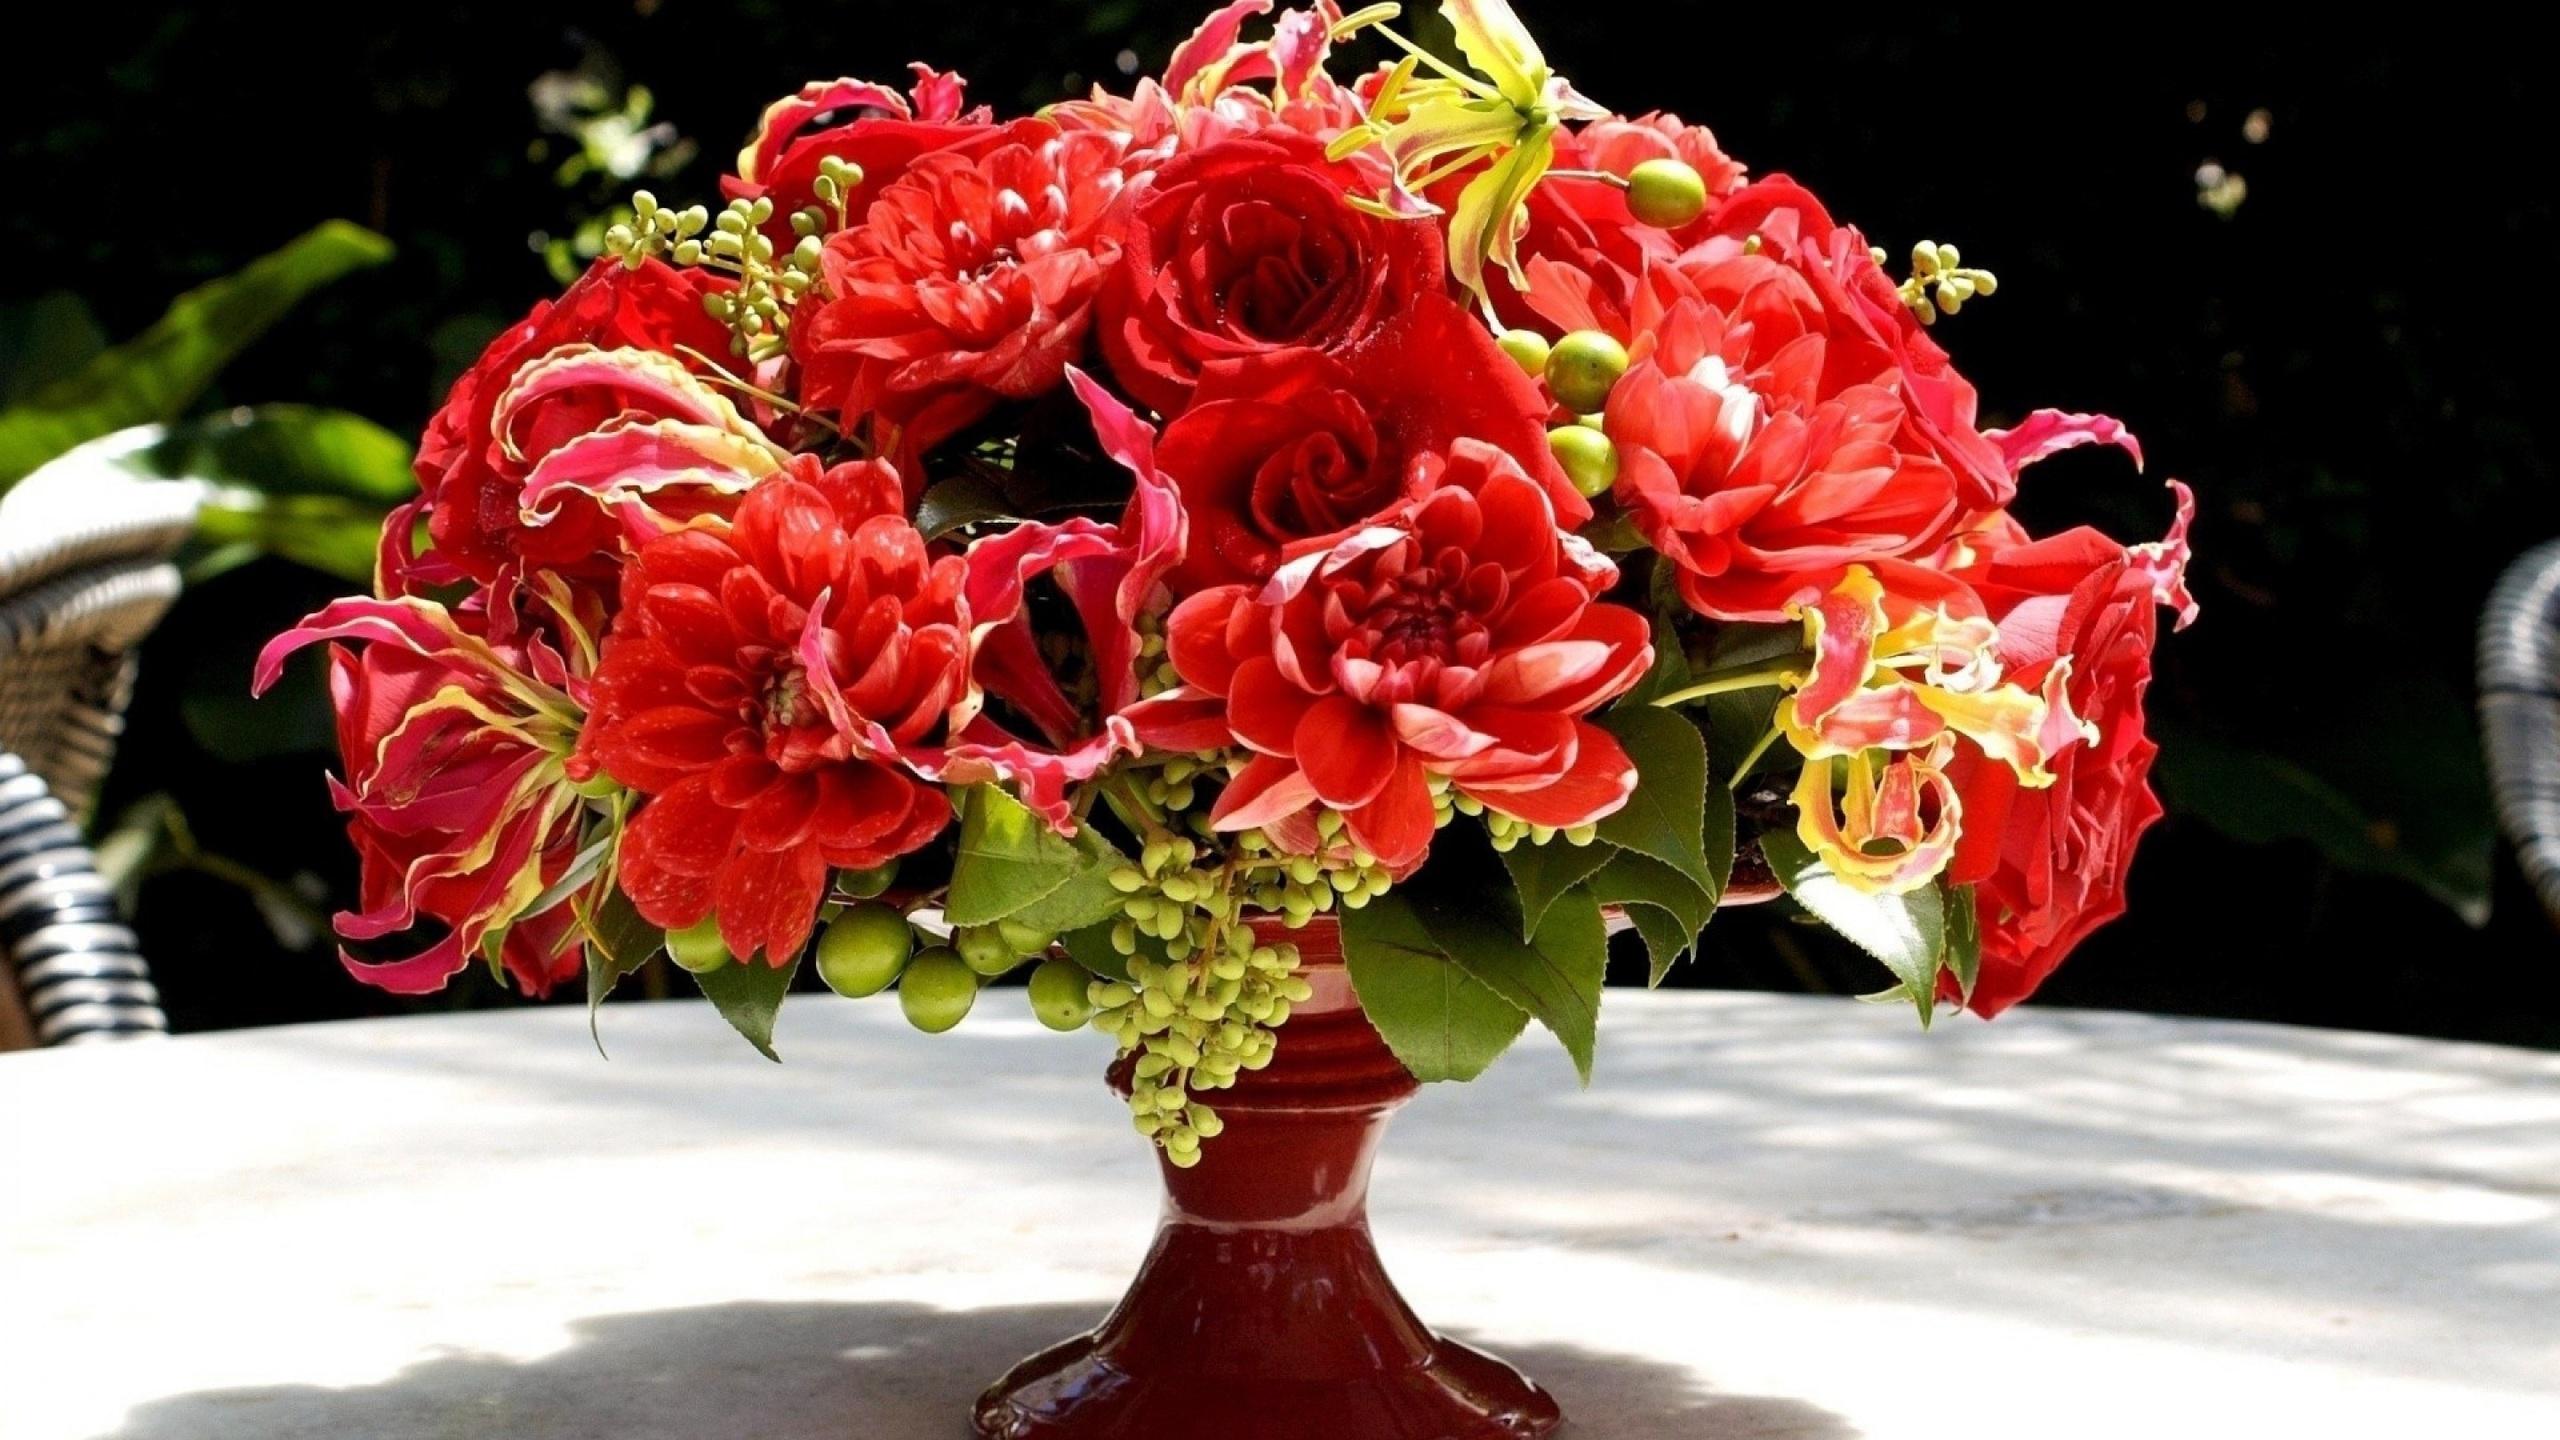 корректировке самые красивые картинки про цветы одну таких